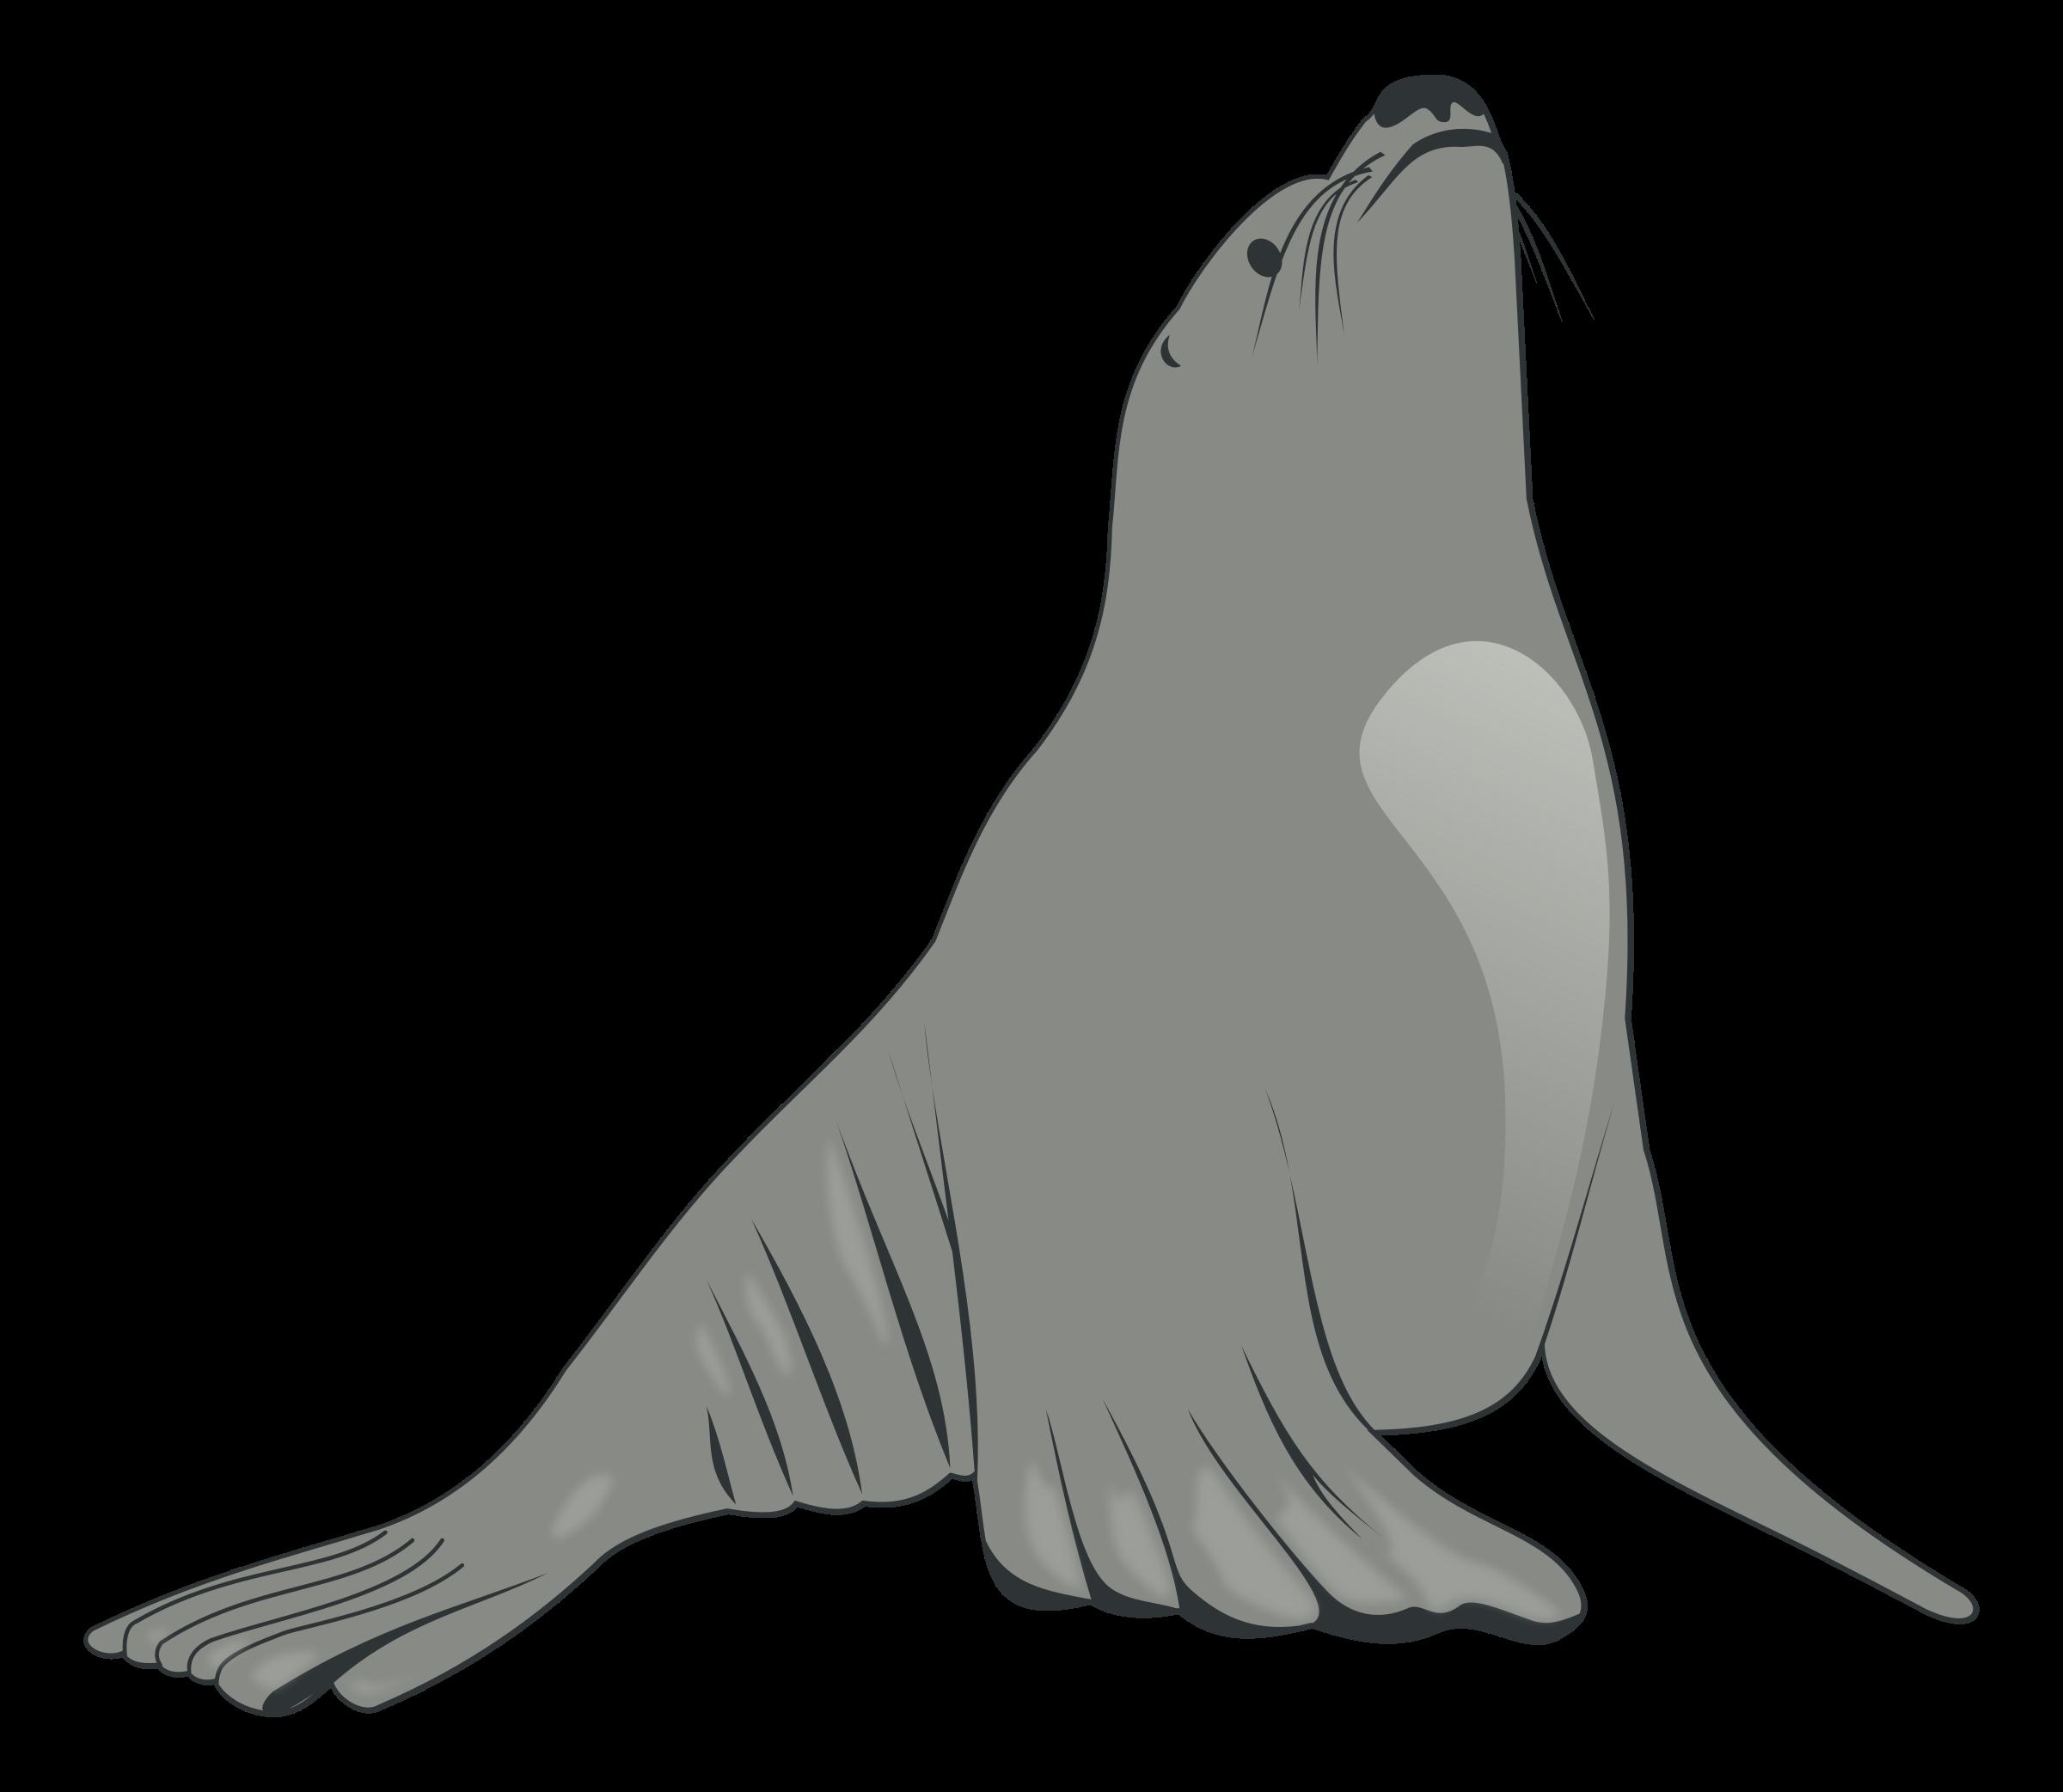 Sea Lion Clip Art | Clipart Panda - Free Clipart Images